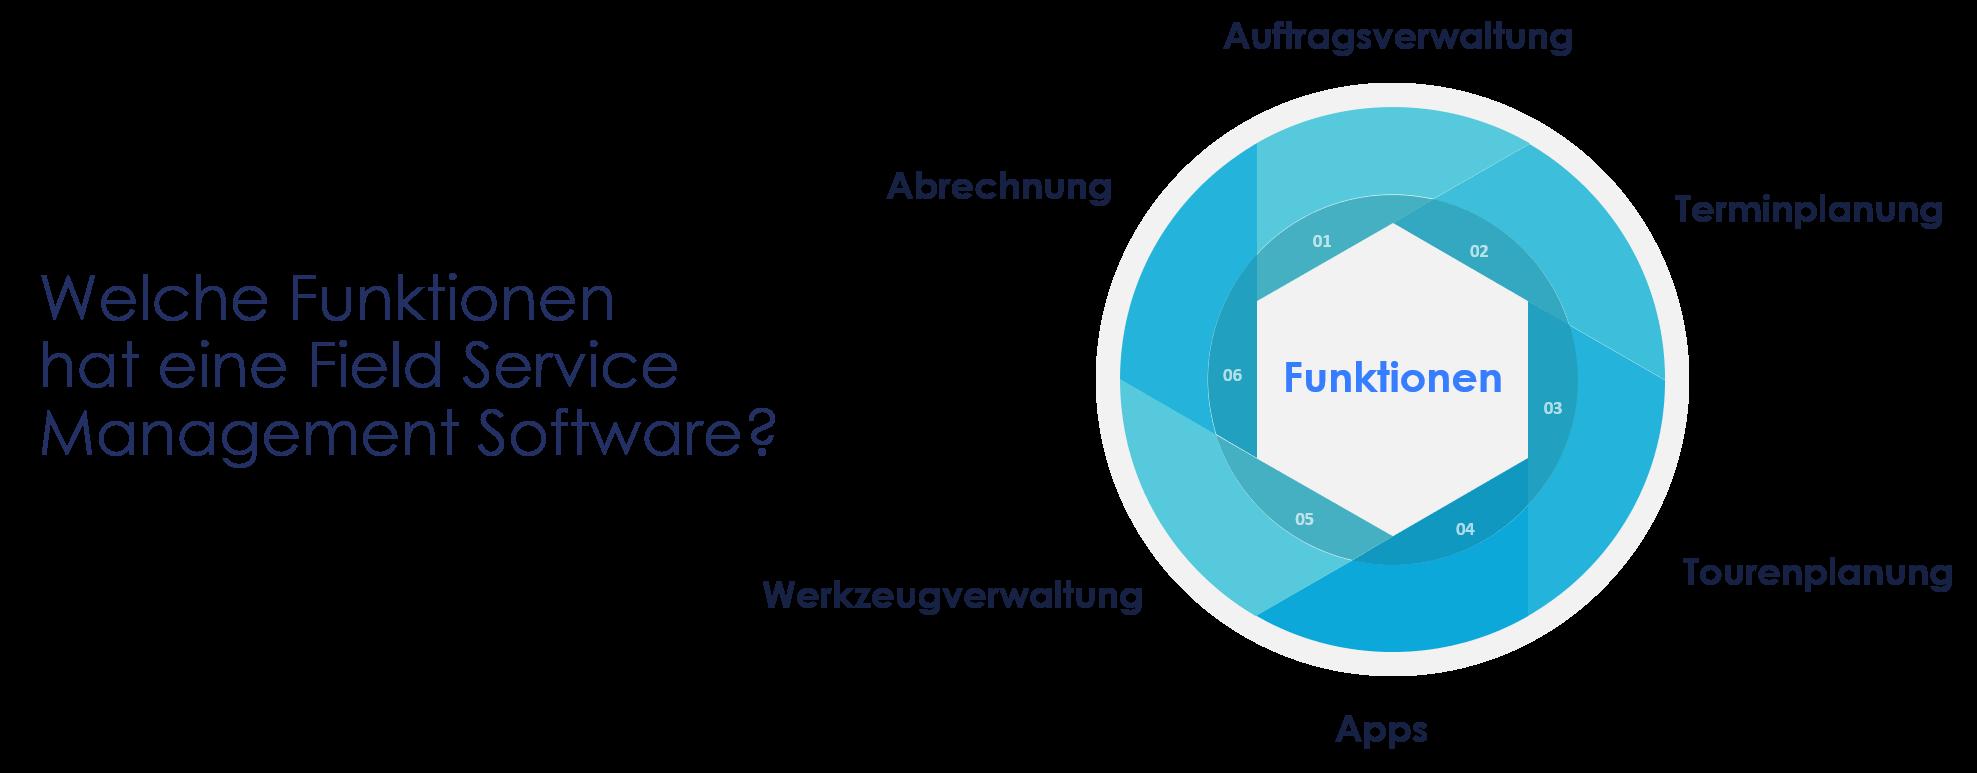 Darstellung von wichtigen Funktionen einer Field Service Management Software